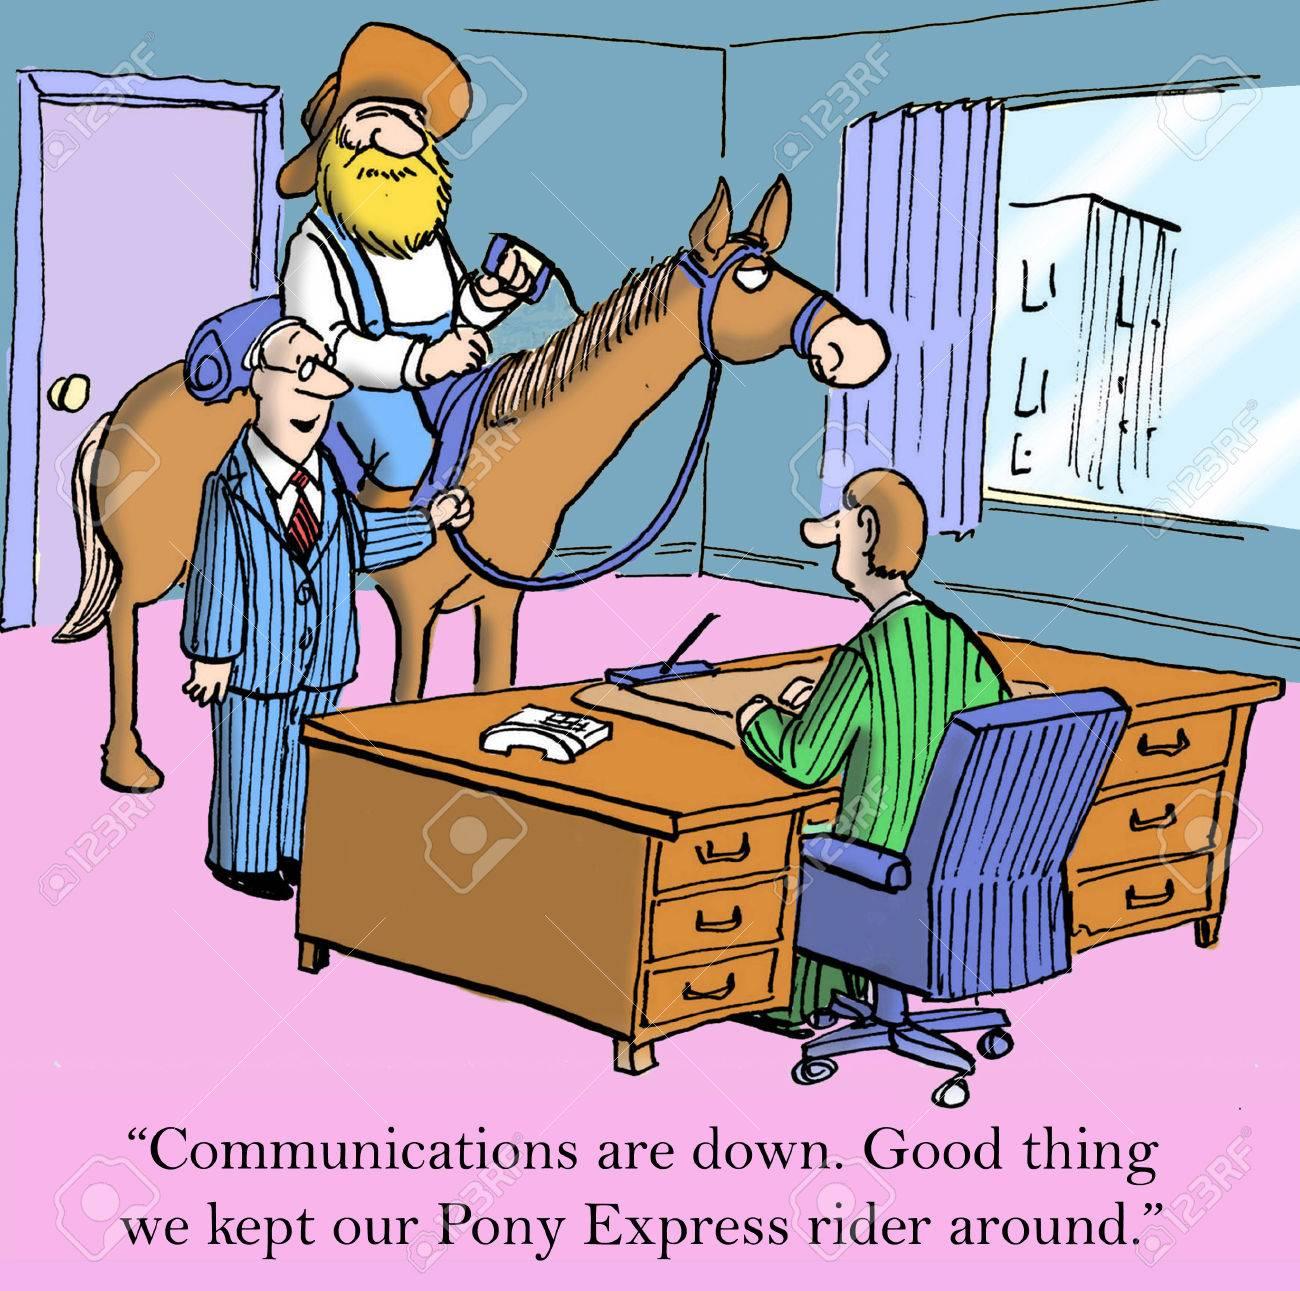 C Est Une Bonne Chose Que Nous Garde Notre Coureur Pony Express Autour Banque D Images Et Photos Libres De Droits Image 24082527